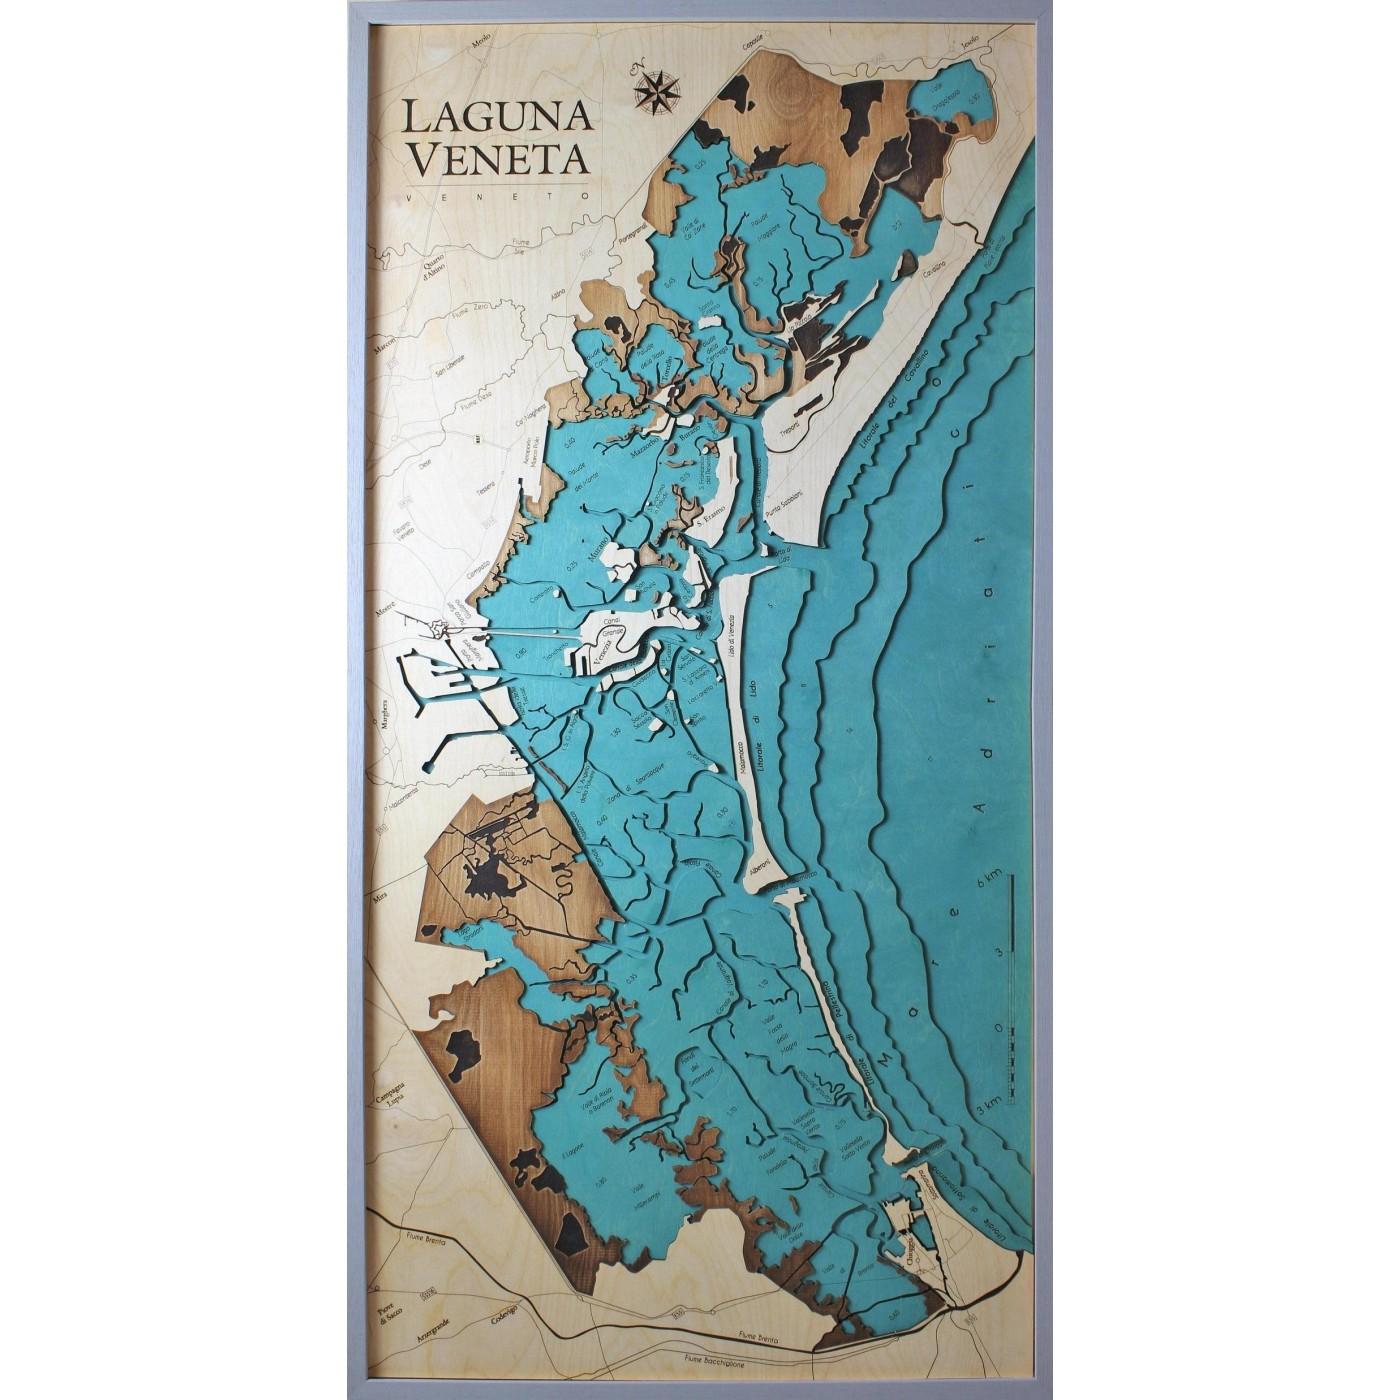 Litorale Veneto Cartina.Laguna Veneta Versione Verticale